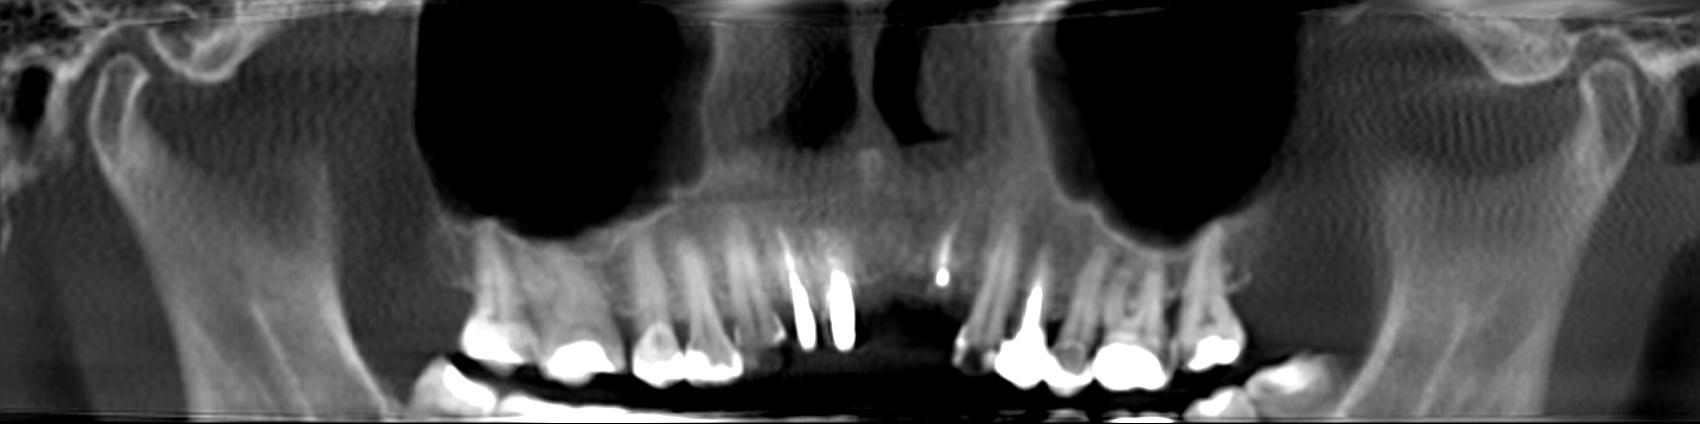 Ортопантомографическая суммационная реконструкция верхней челюсти